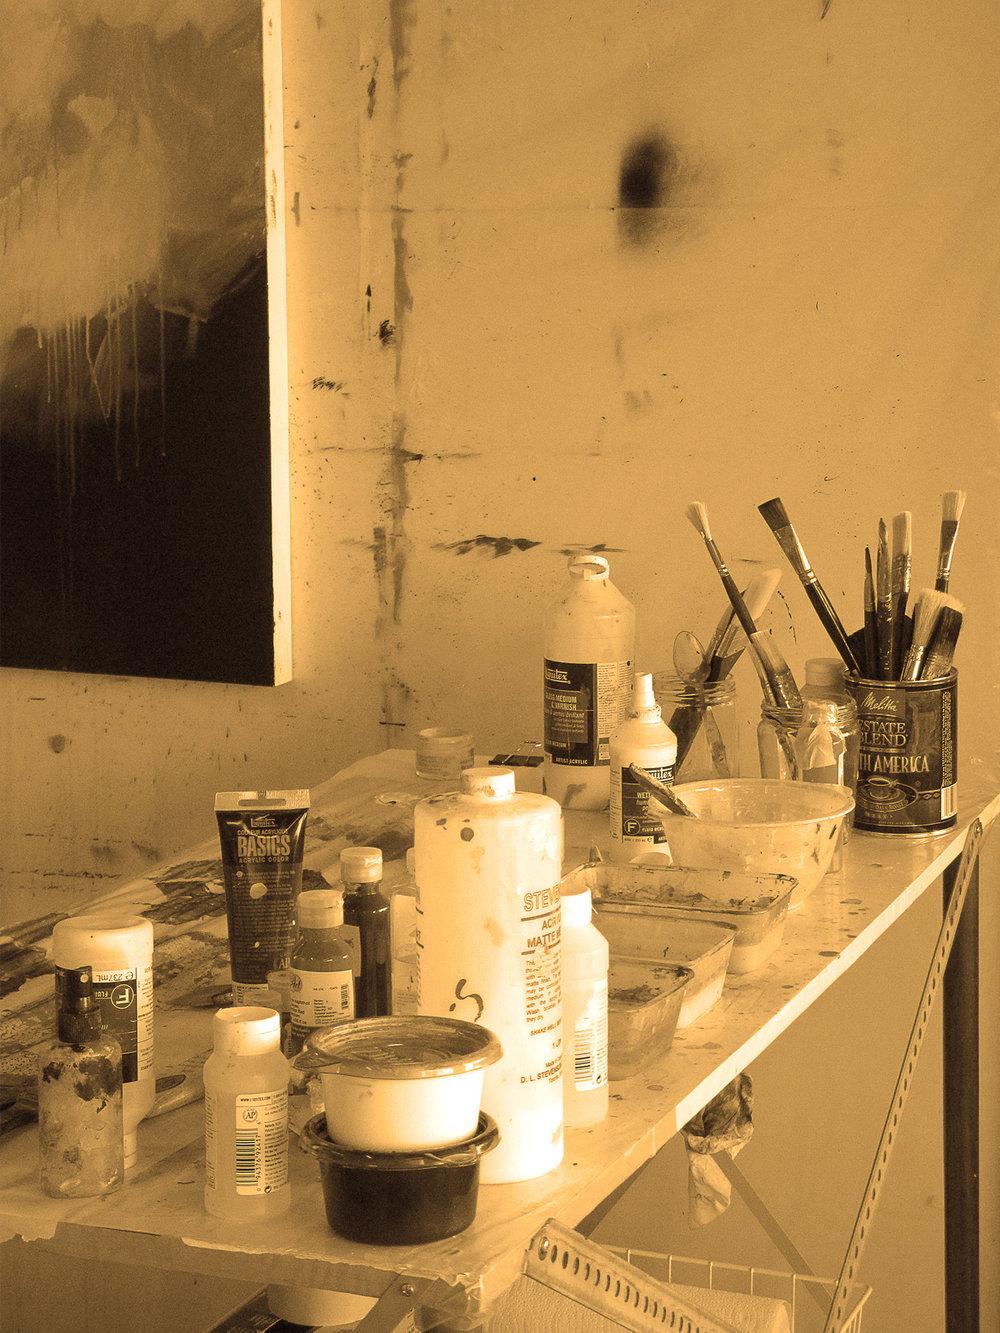 Biographie - Sylvie Adams est une artiste canadienne vivant à Montréal (Québec). Elle est titulaire d'un baccalauréat en beaux-arts de l'Université Concordia. Ses œuvres ont fait l'objet de nombreuses expositions individuelles et de groupes et elle a participé à maintes foires internationales d'art contemporain – aux États-Unis, en Europe et en Asie.Sélectionnée par la commissaire et directrice de Art Wynwood pour participer à une exposition en l'honneur de Shepard Fairey (auteur de l'affiche « Hope » d'Obama) à Miami en 2017, son travail a aussi été remarqué par les journalistes et critiques du Blouin Art Info et Artnet News, lors de l'exposition Art New-York en 2016 et 2017. Sylvie Adams vit et travaille à Montréal.Ses œuvres font également partie de collections privées et corporatives, dont les collections de Rio Tinto Alcan et Norwegian Cruise Line.